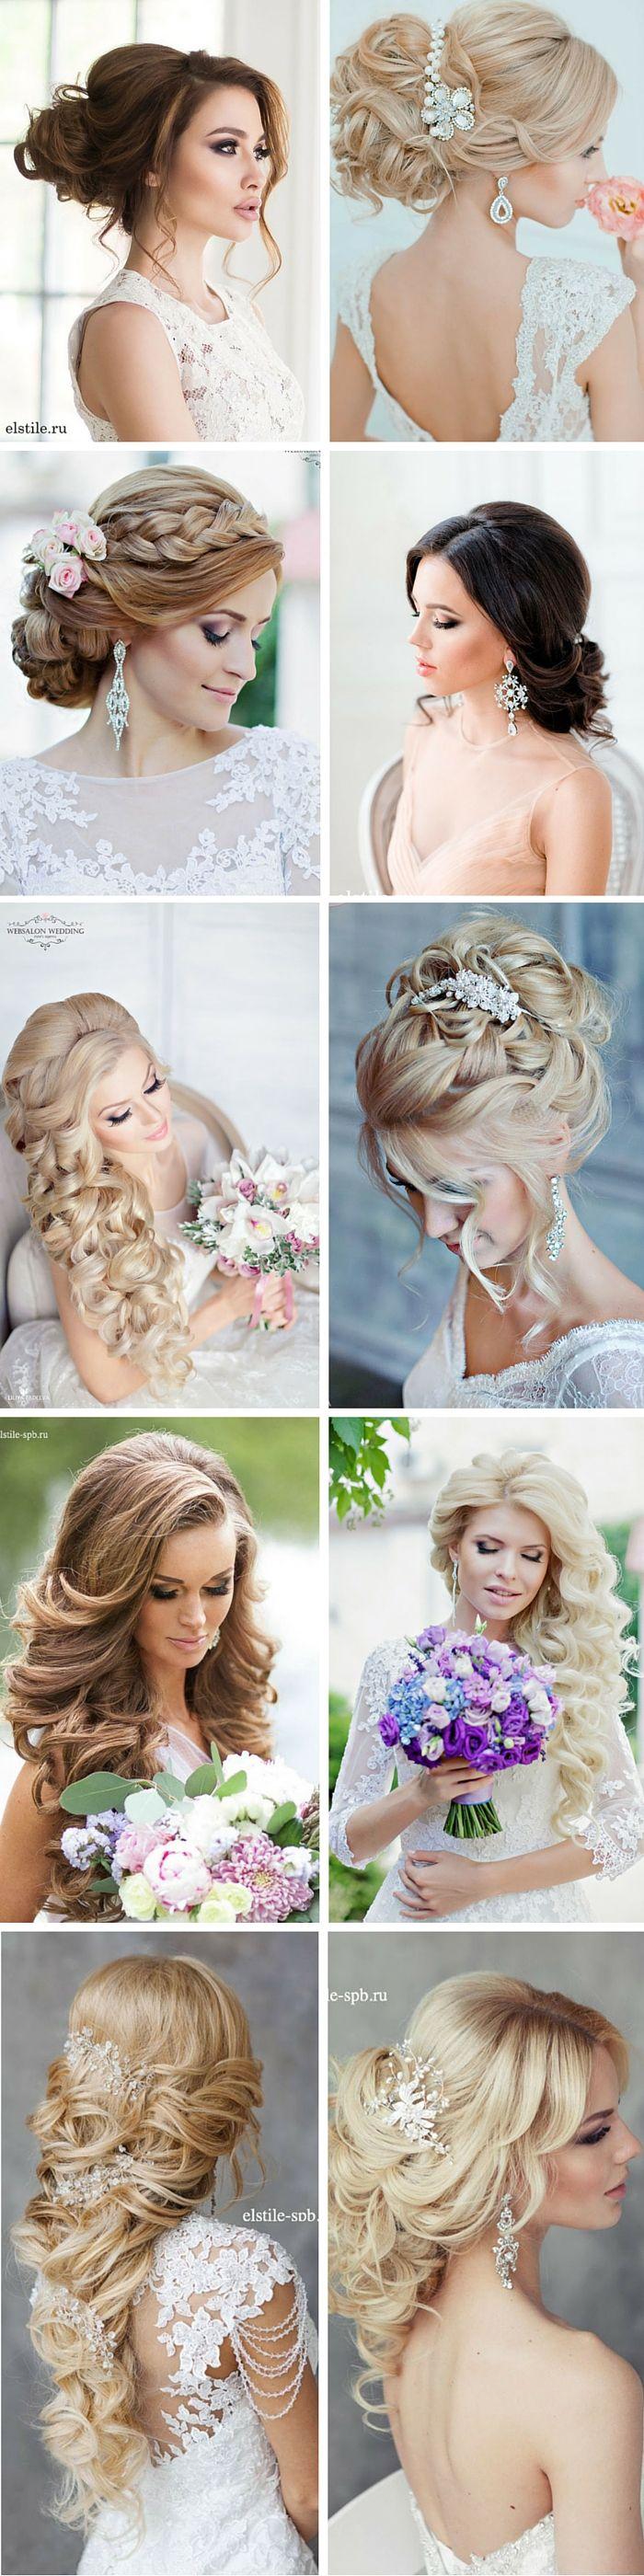 27 Stunning Summer Wedding Hairstyles ❤ Summer wedding hairstyles are differen...